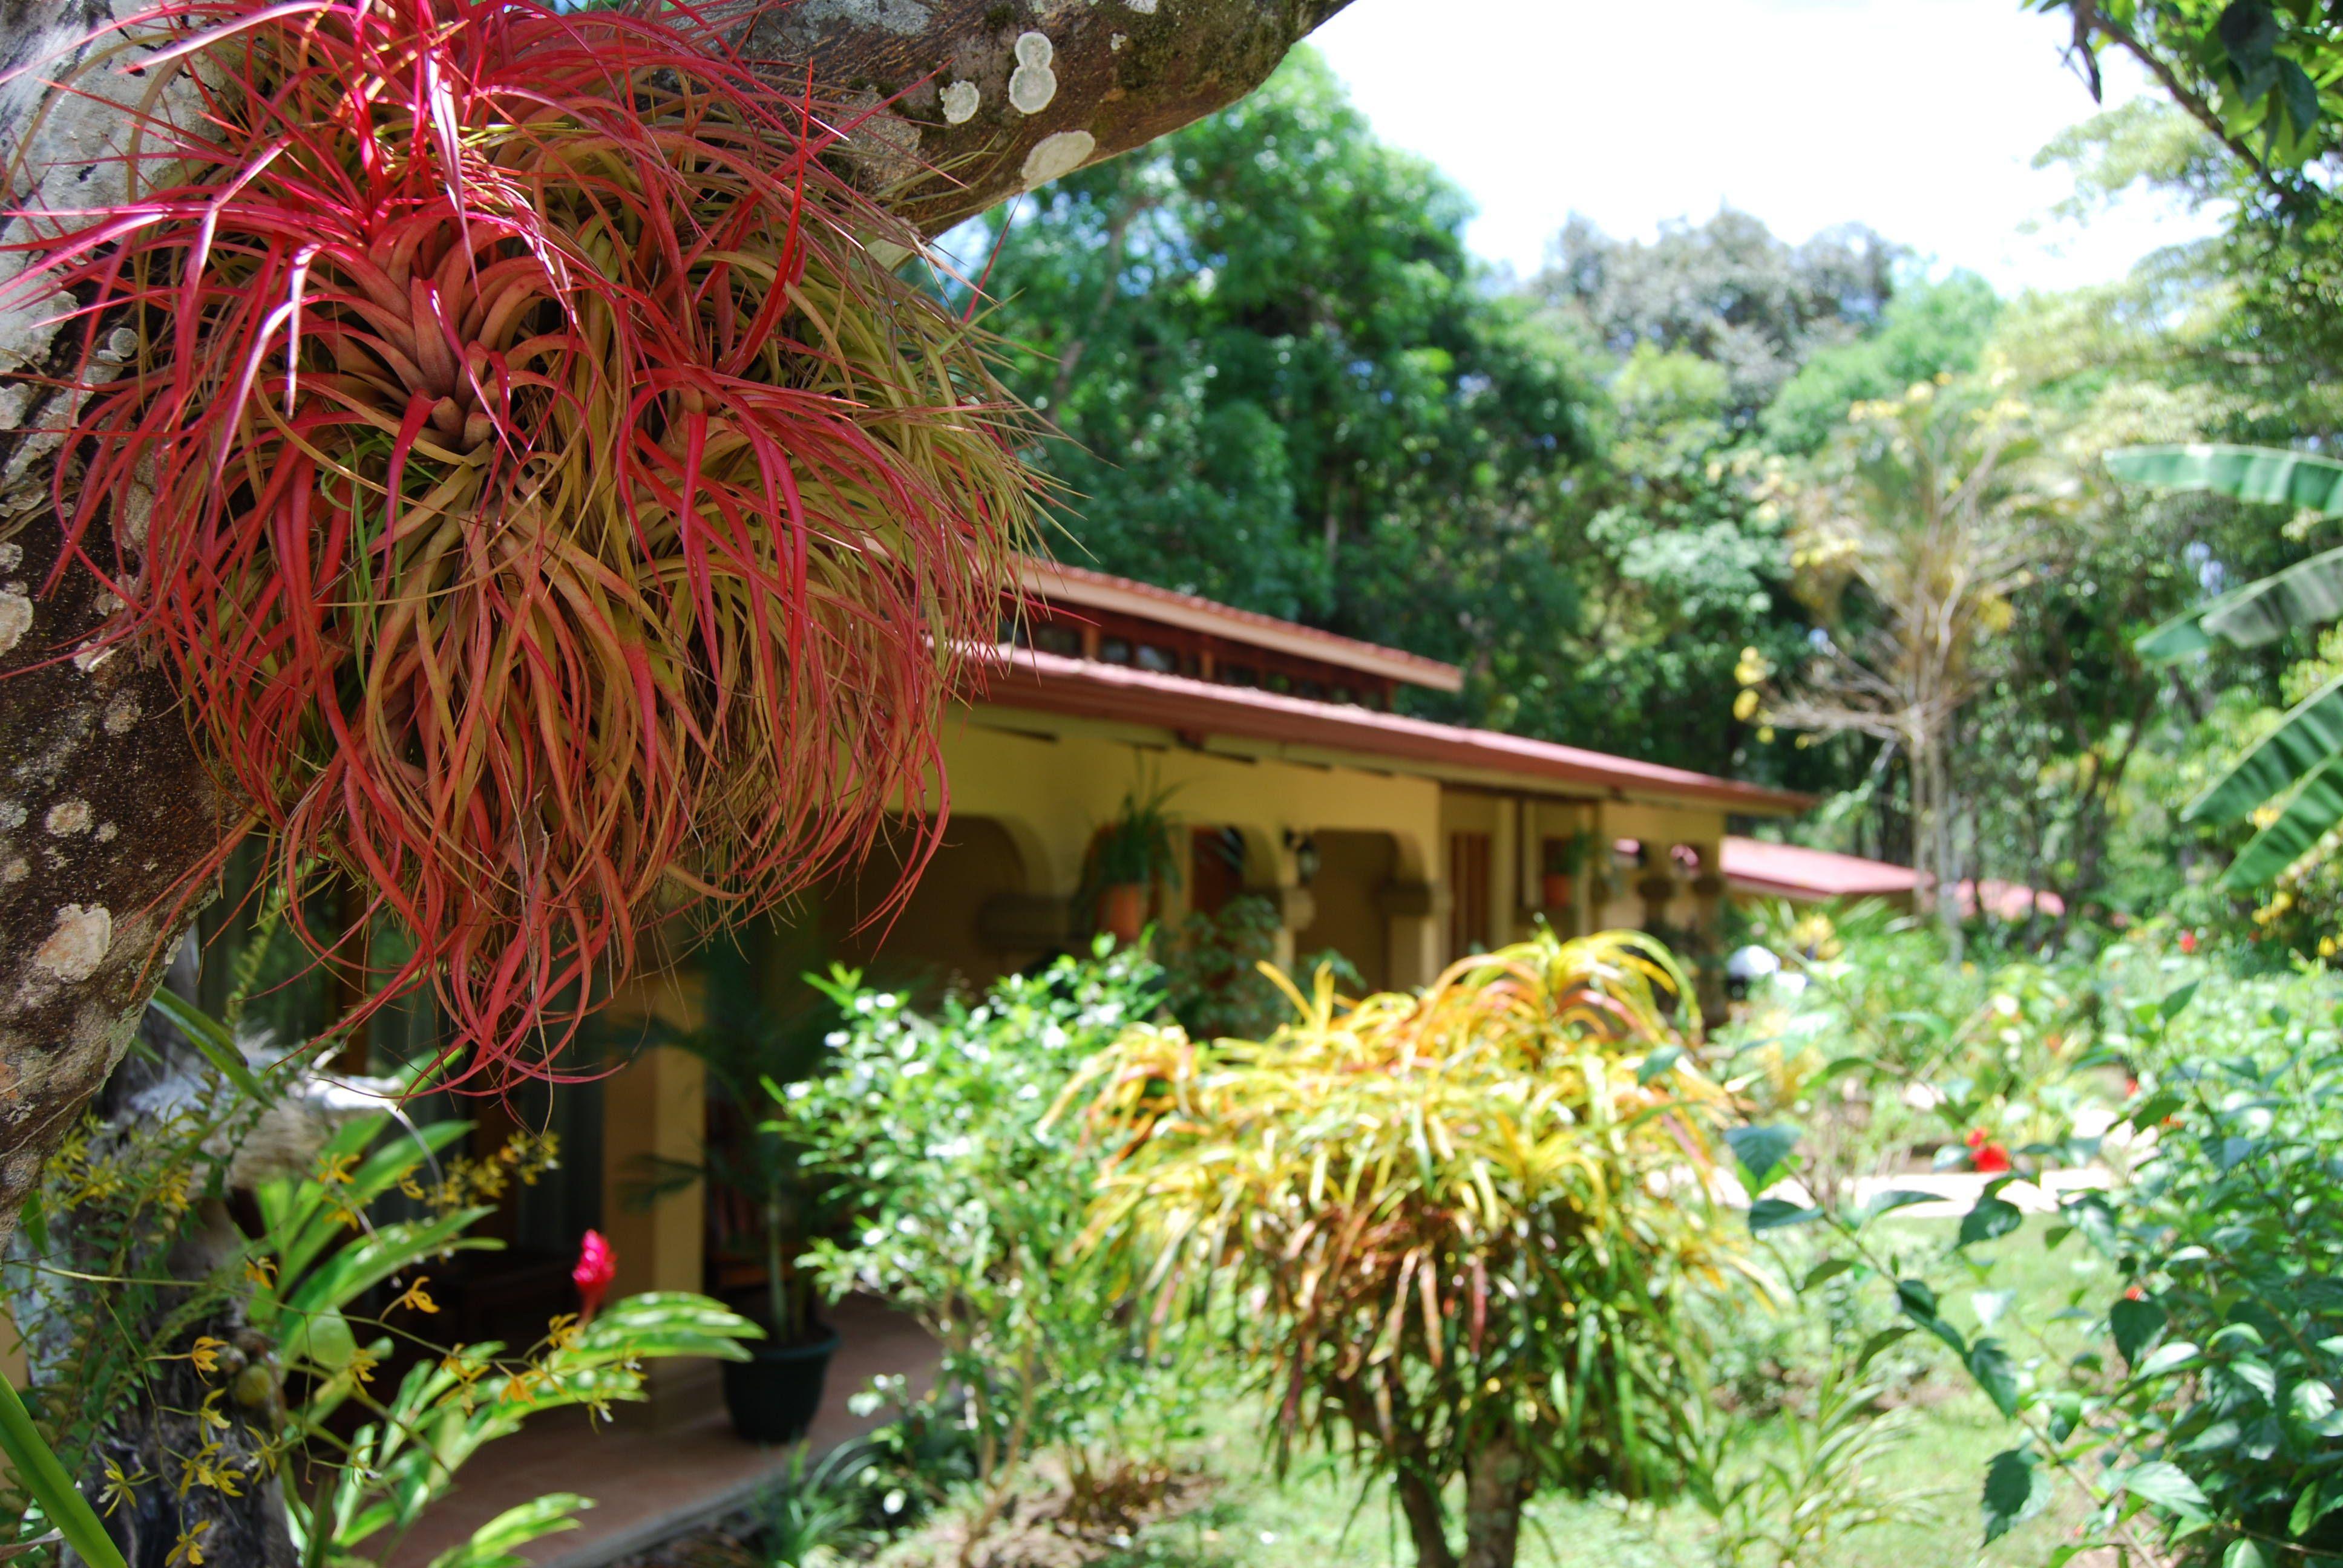 Jaco costa rica hotel room for more info www docelunas com